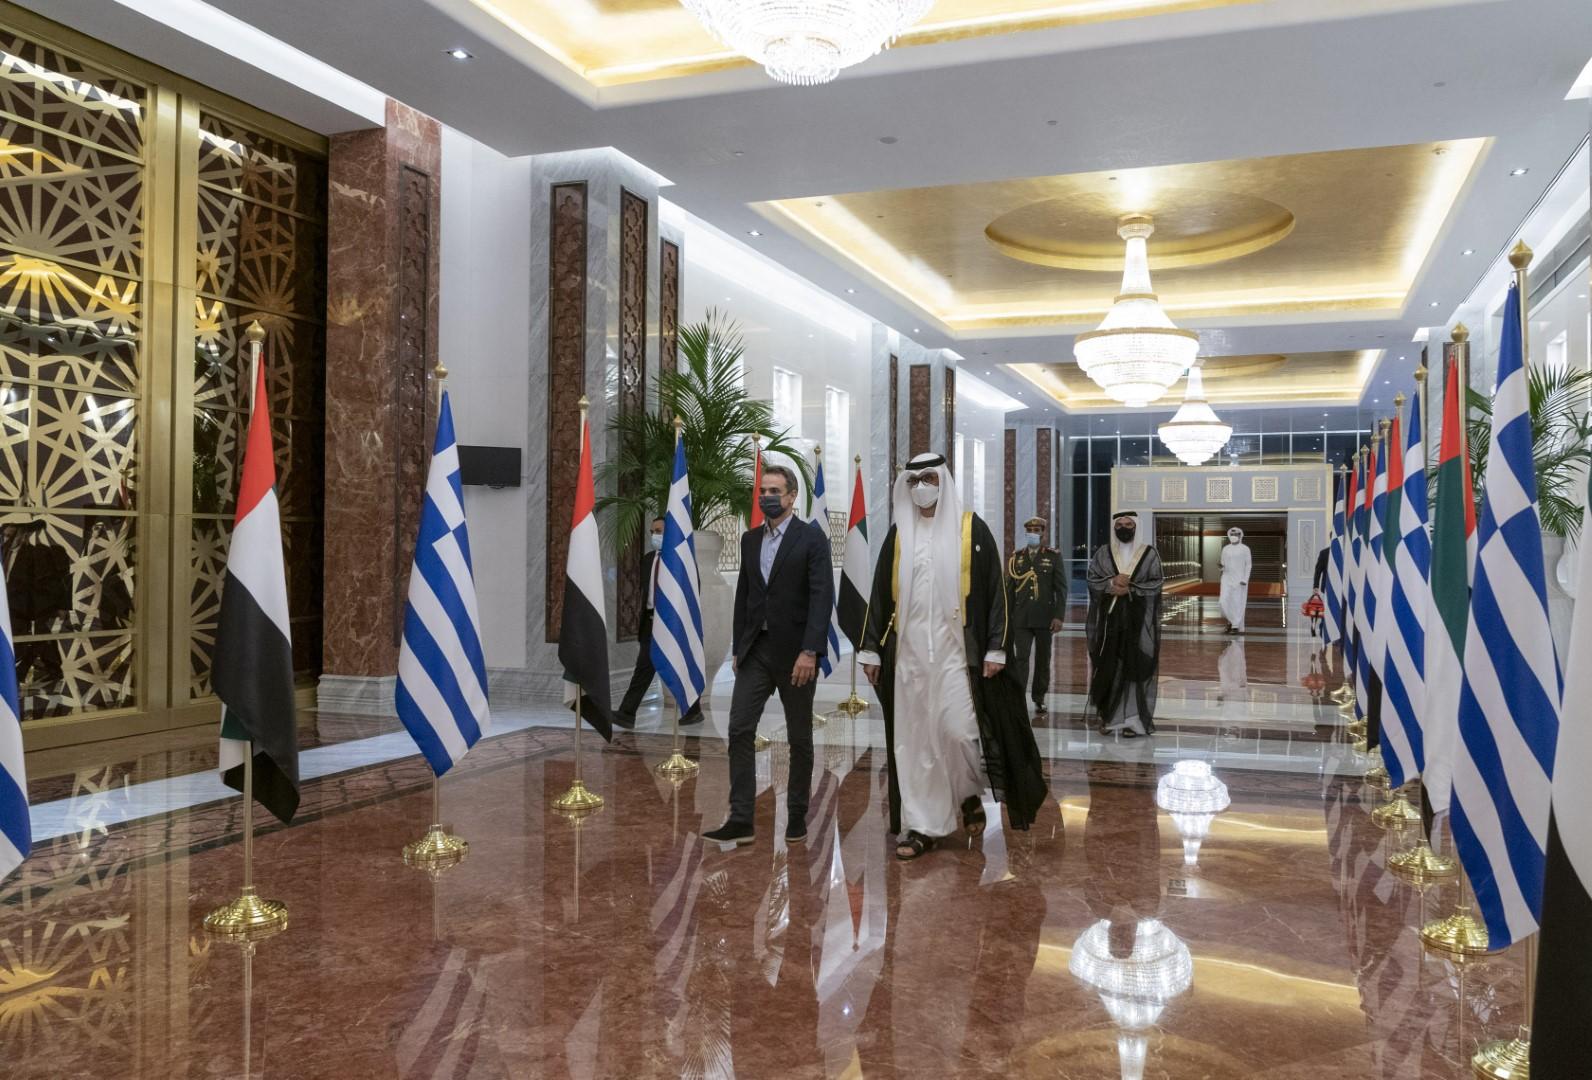 رئيس الوزراء اليوناني يصل البلاد